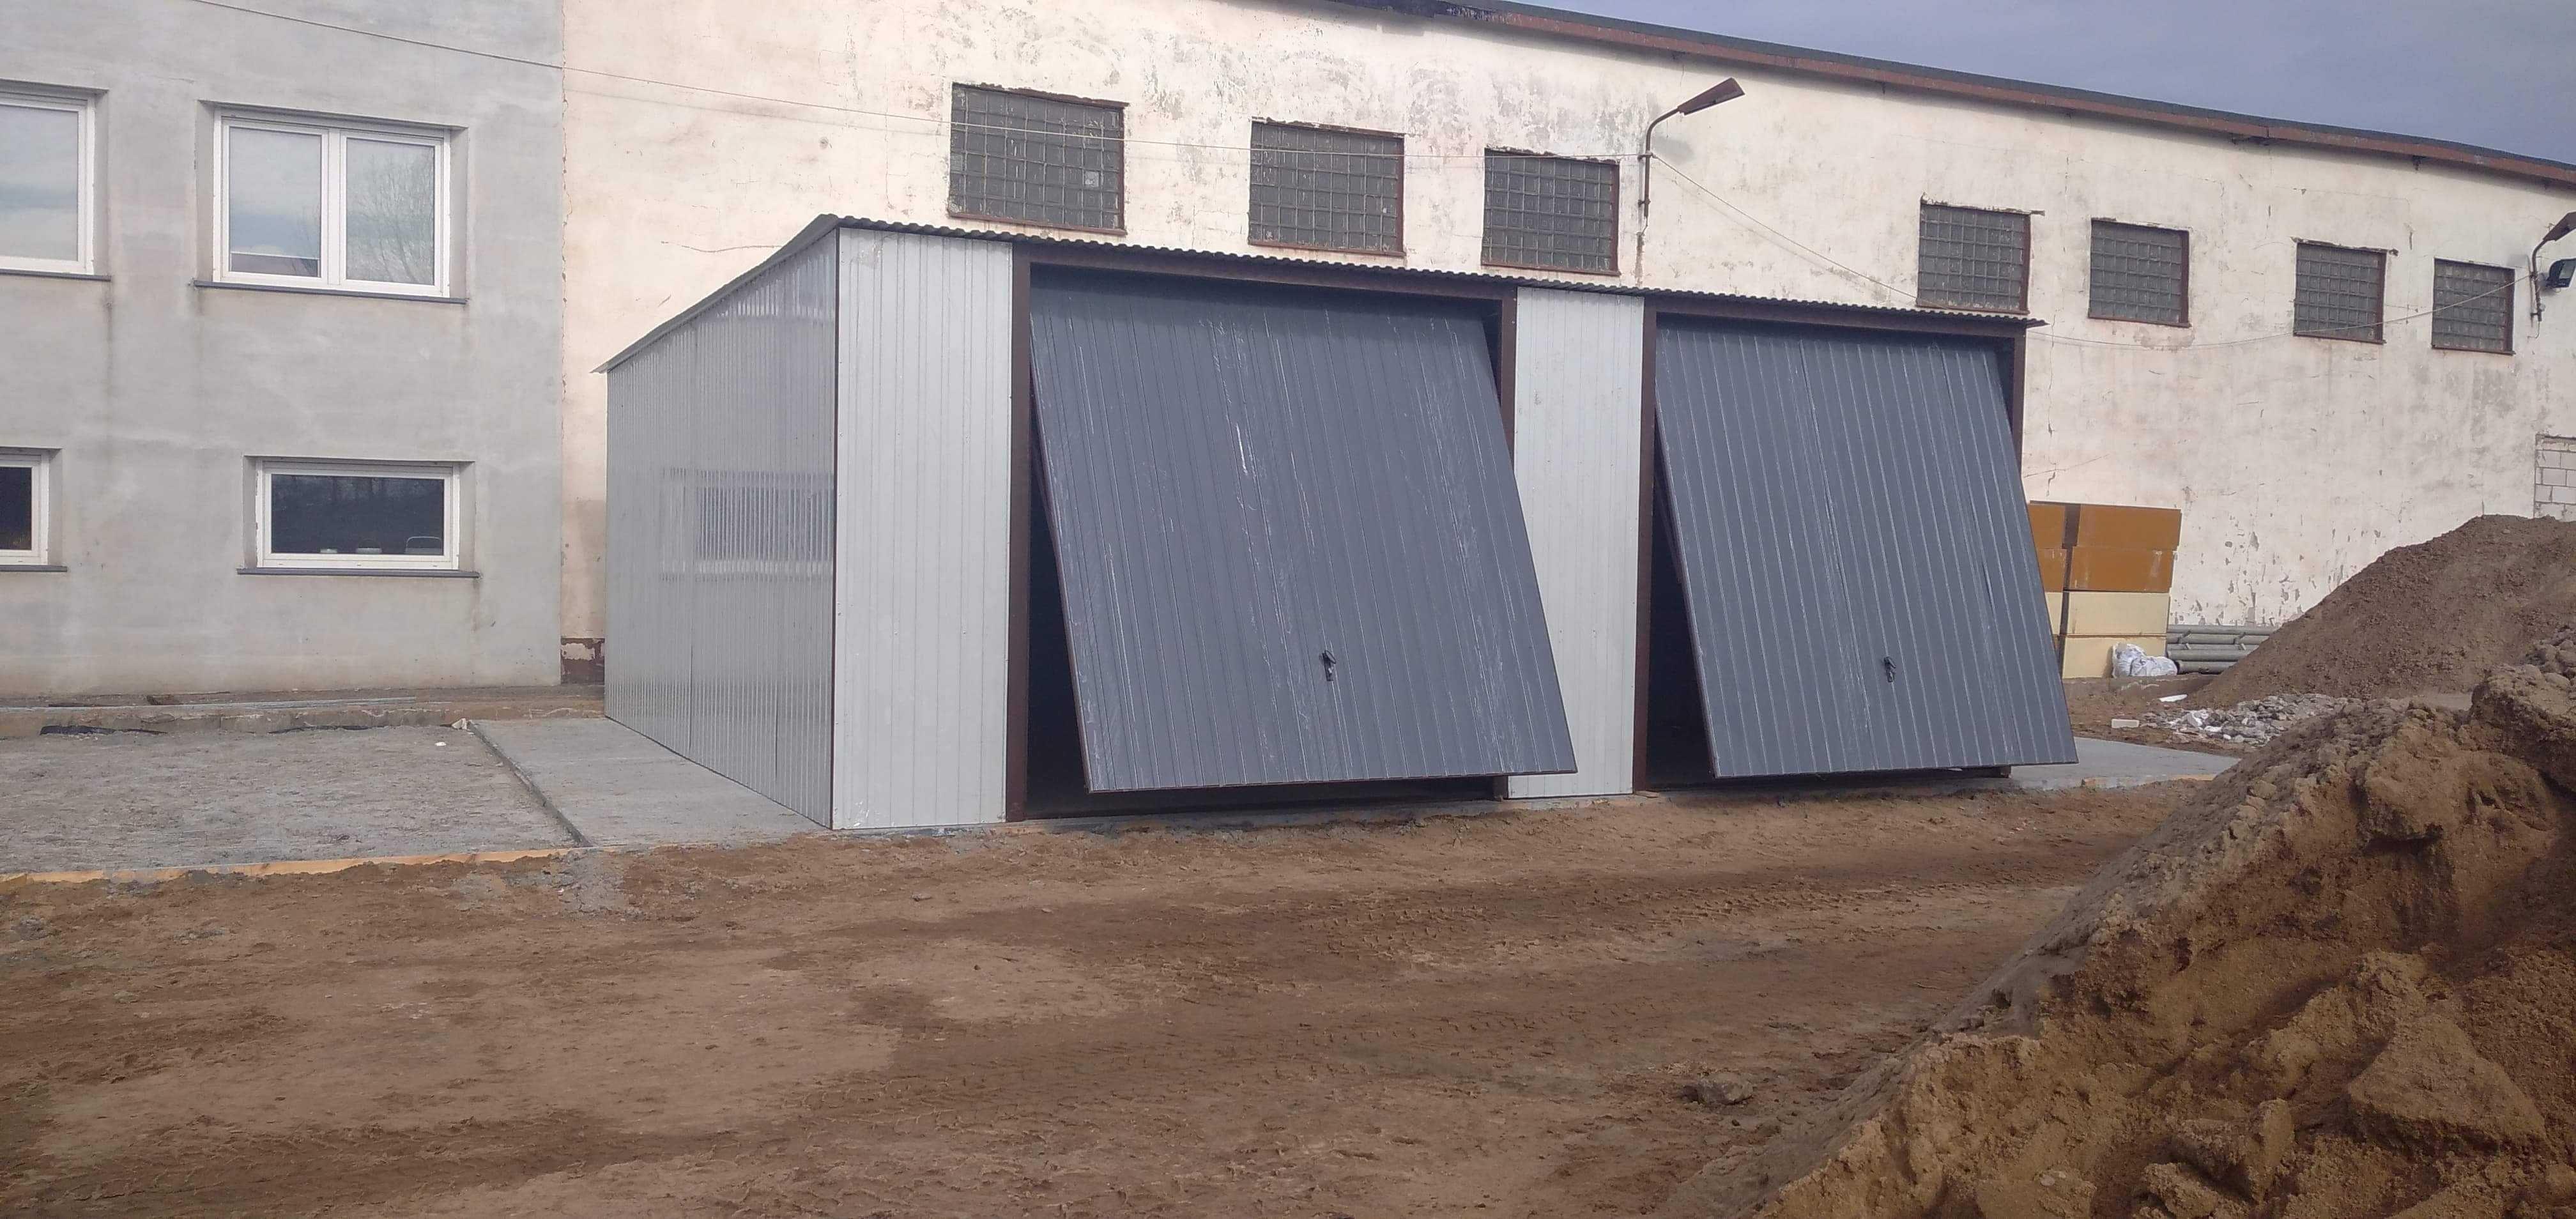 Garaże blaszane, garaż 8x7, wzmocniony, profil, producent garaży, wiat